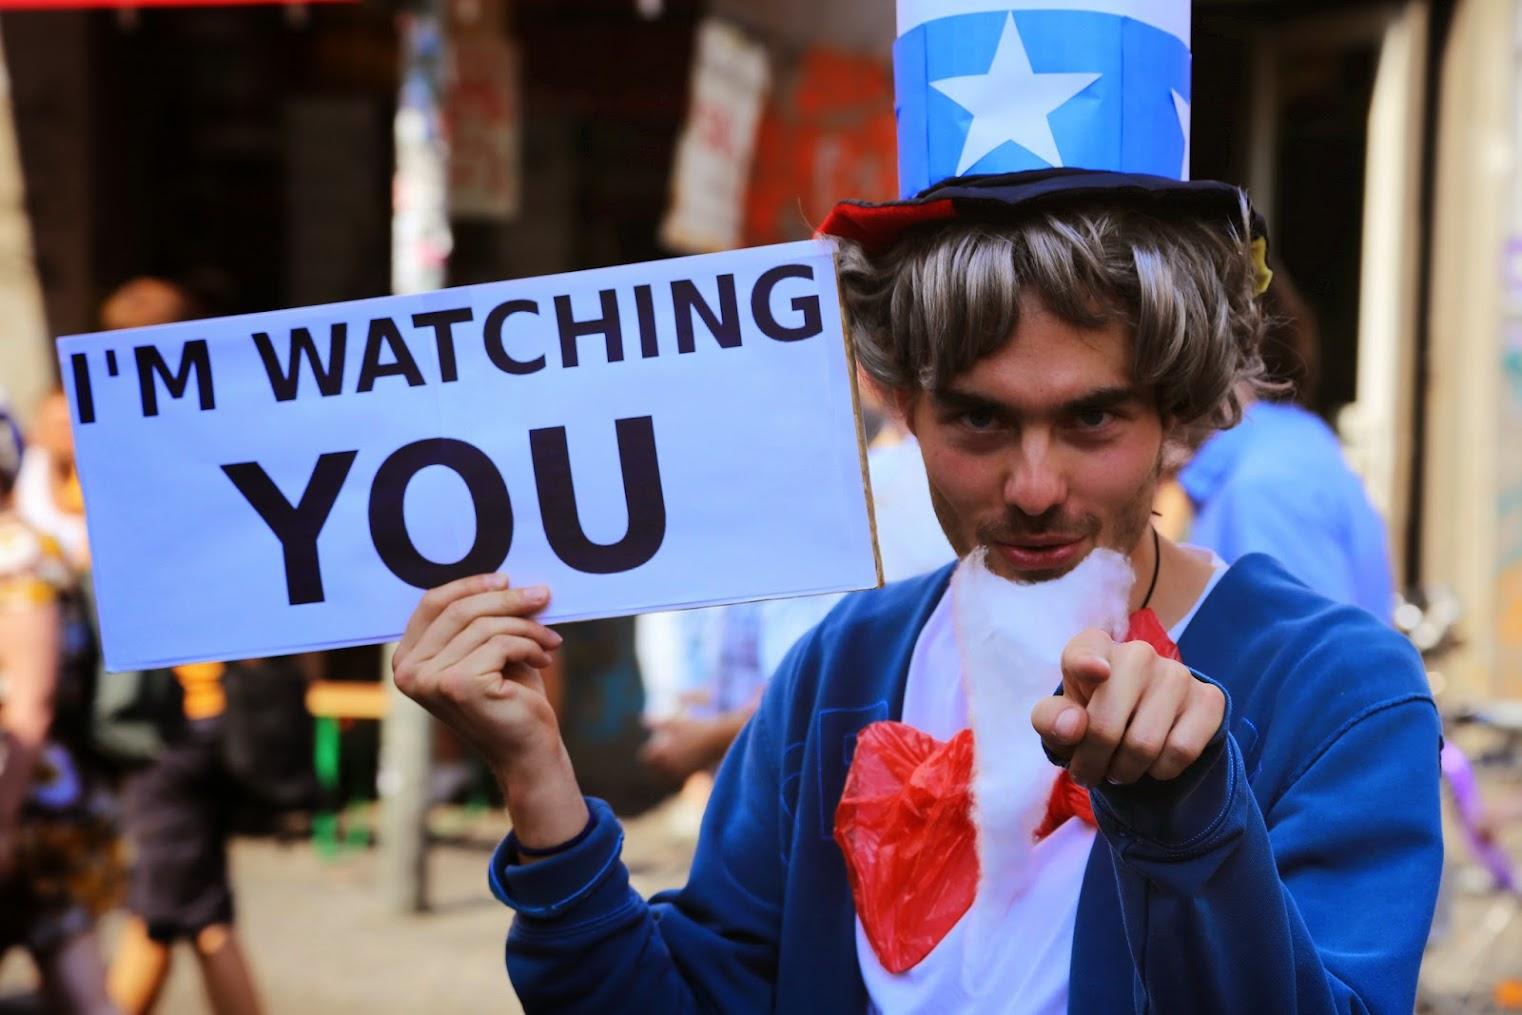 網路攝影機、DVR、NVR 的資安議題 - 你知道我在看你嗎?